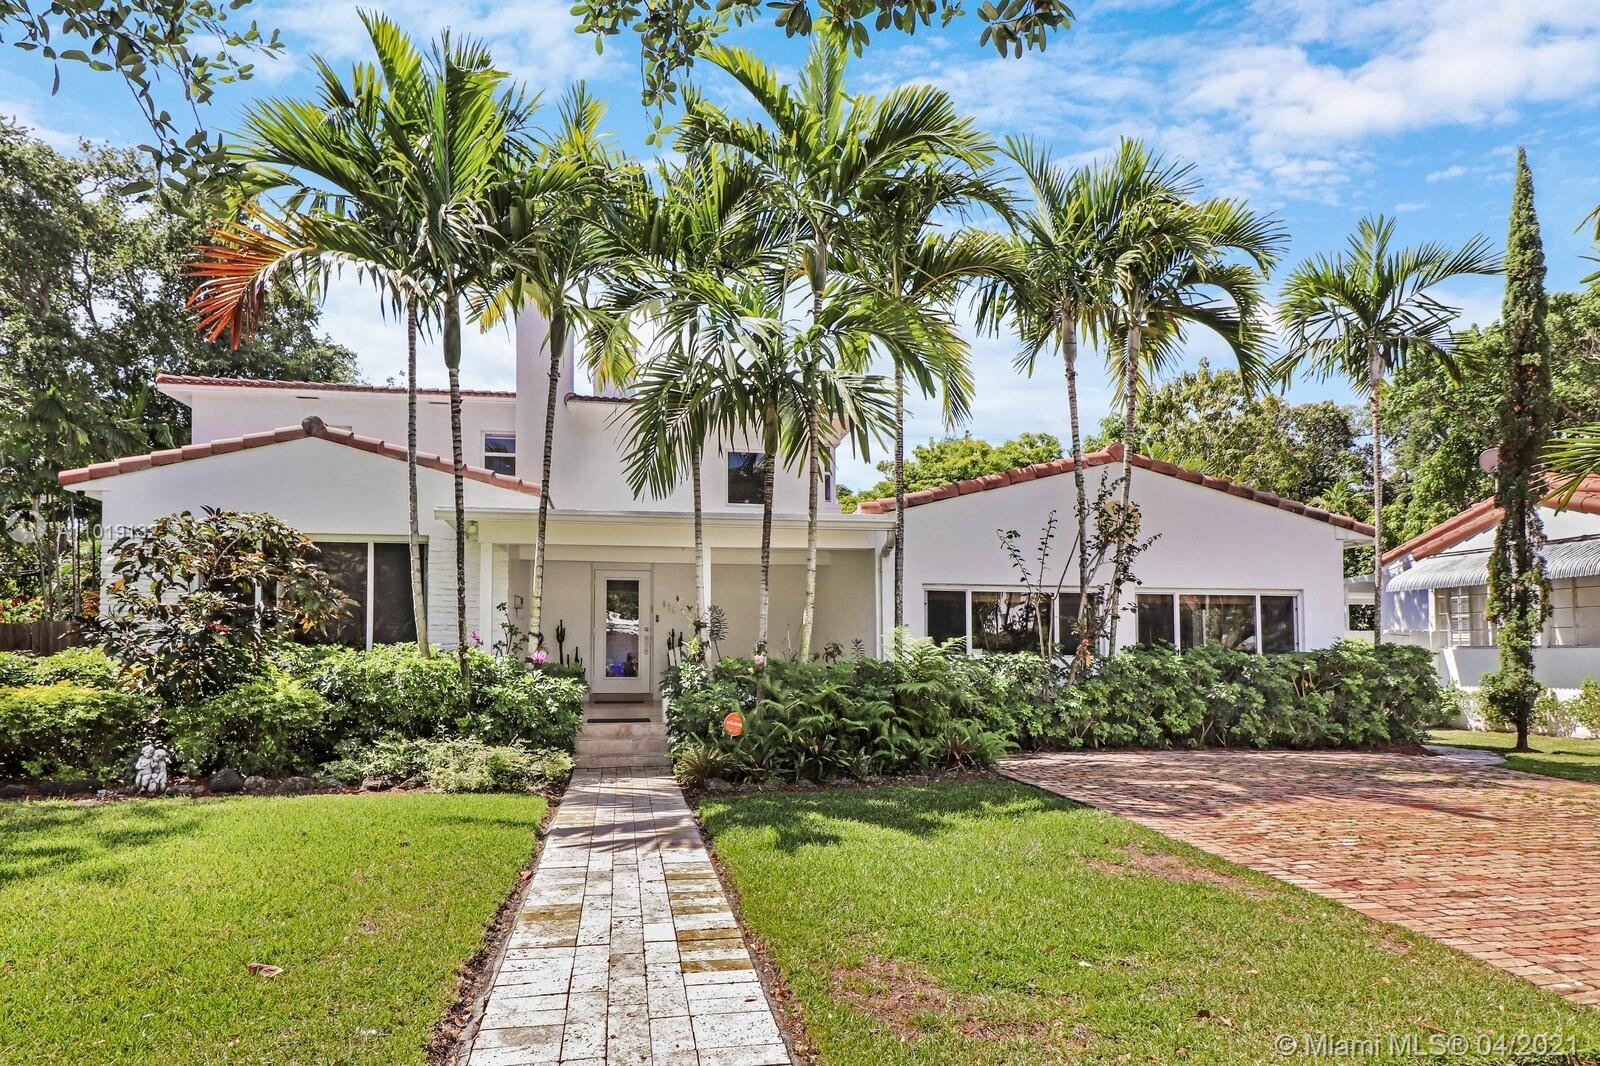 674 NE 72nd Ter, Miami, FL 33138 - #: A11019132